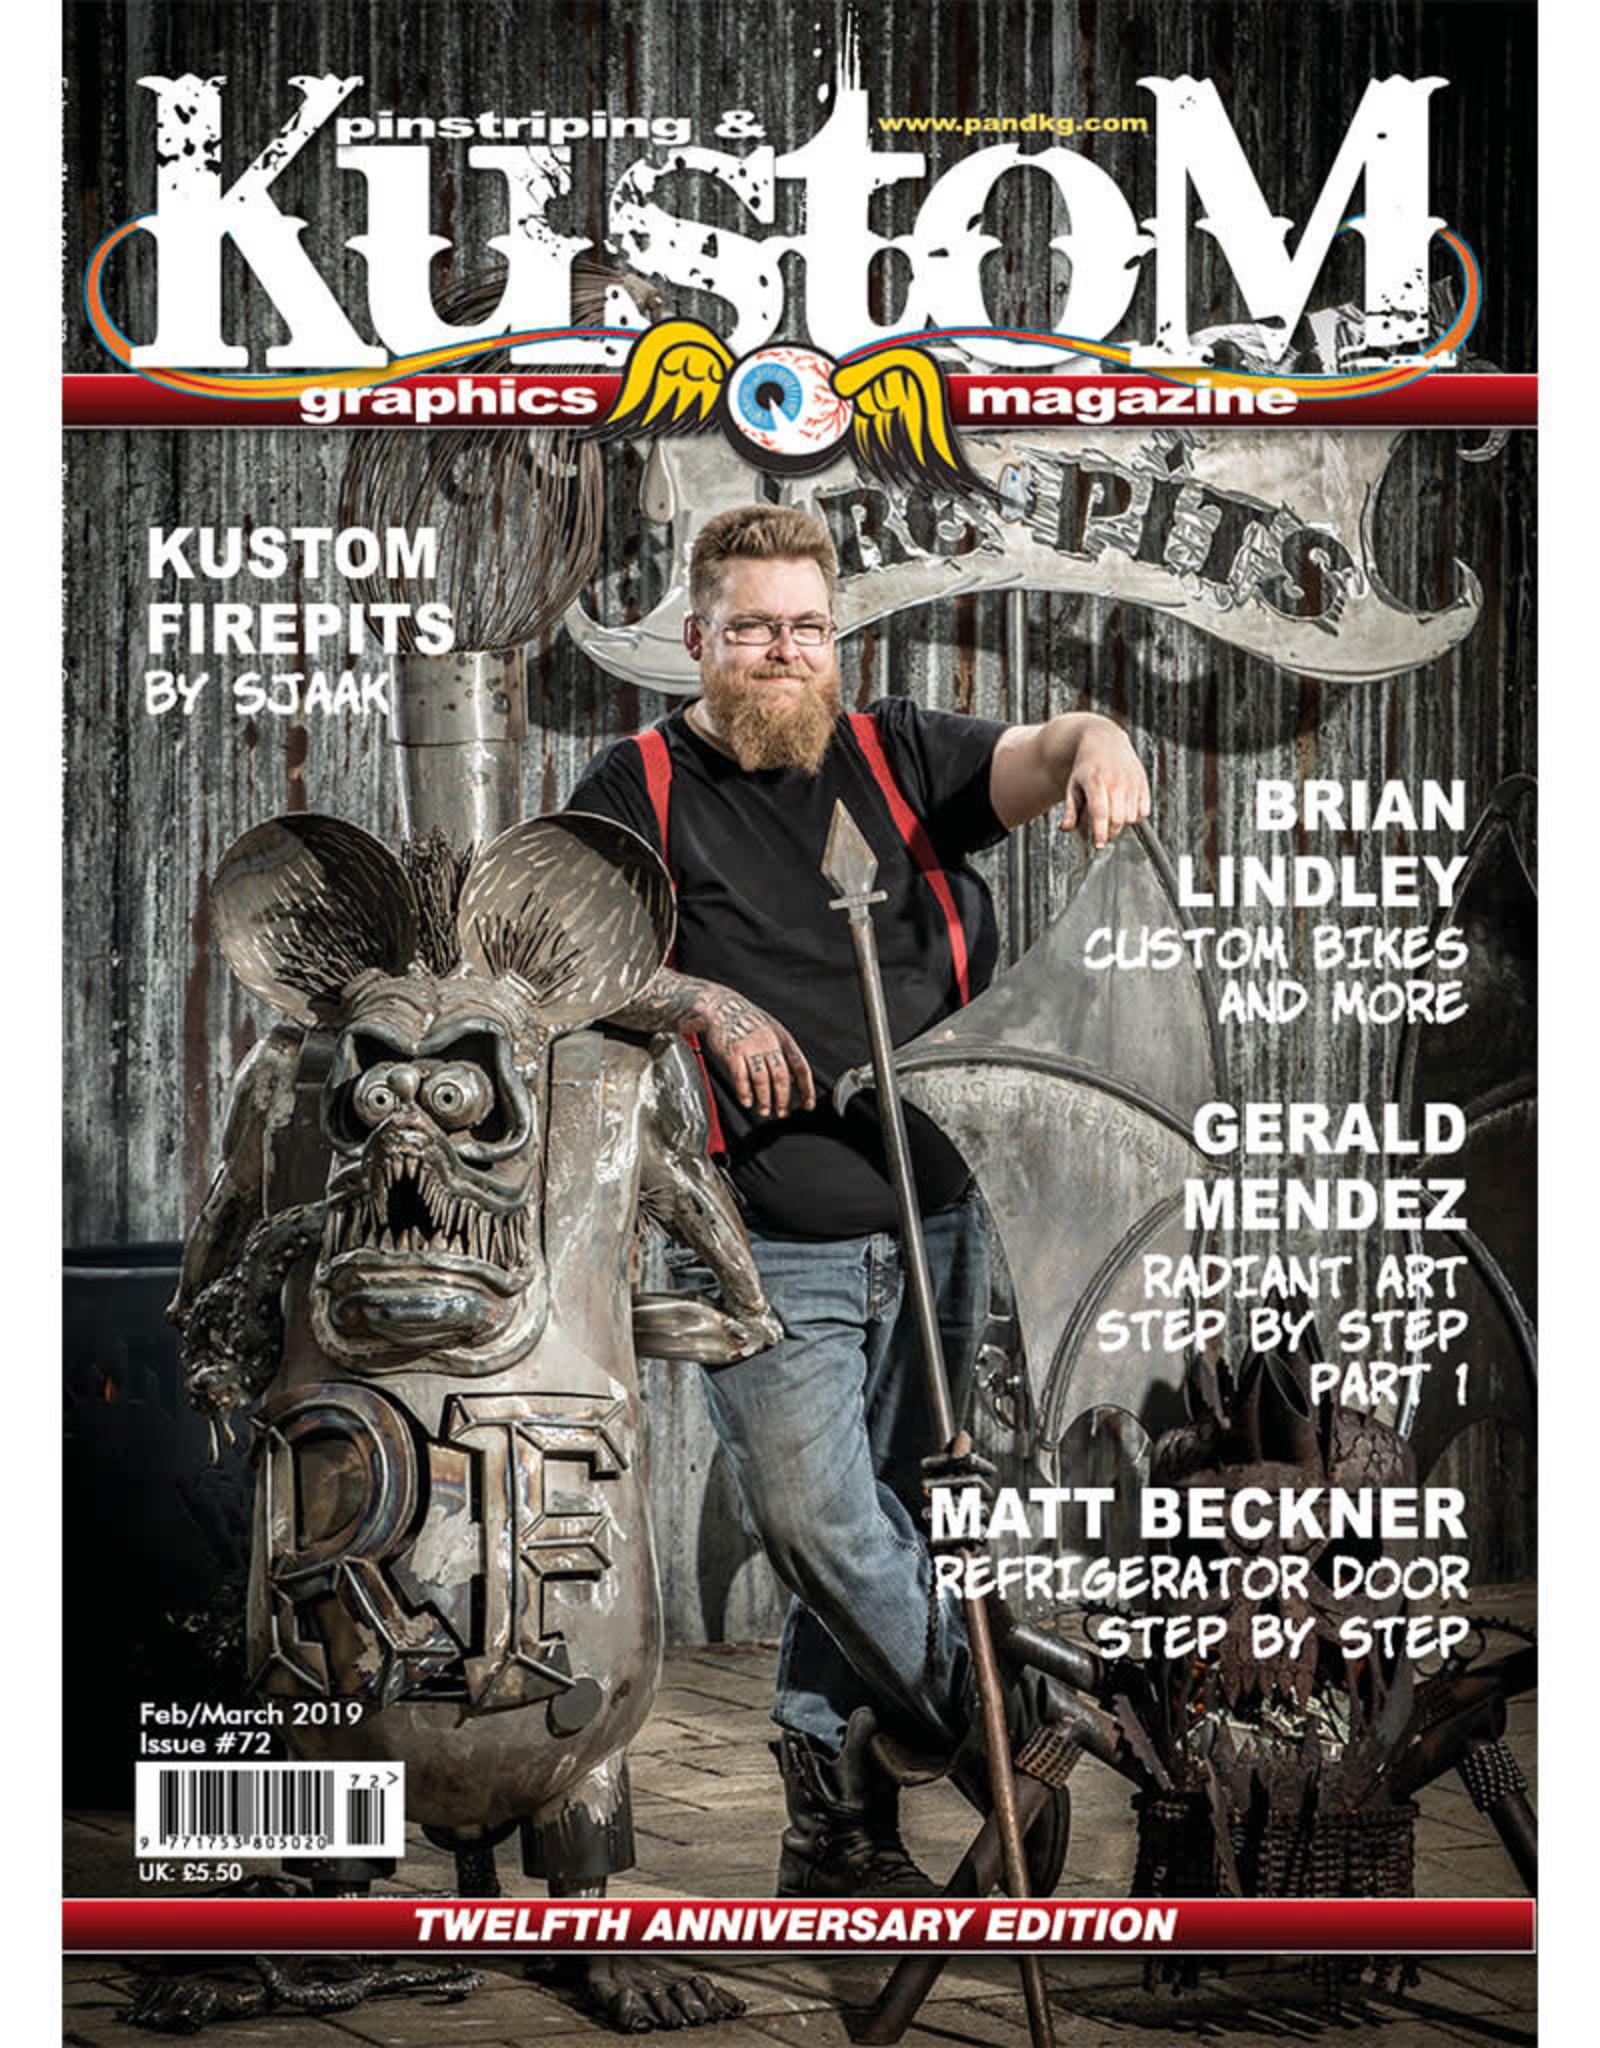 Pinstriping & Kustom Graphics magazine Pinstriping & Kustom Graphics magazine #72